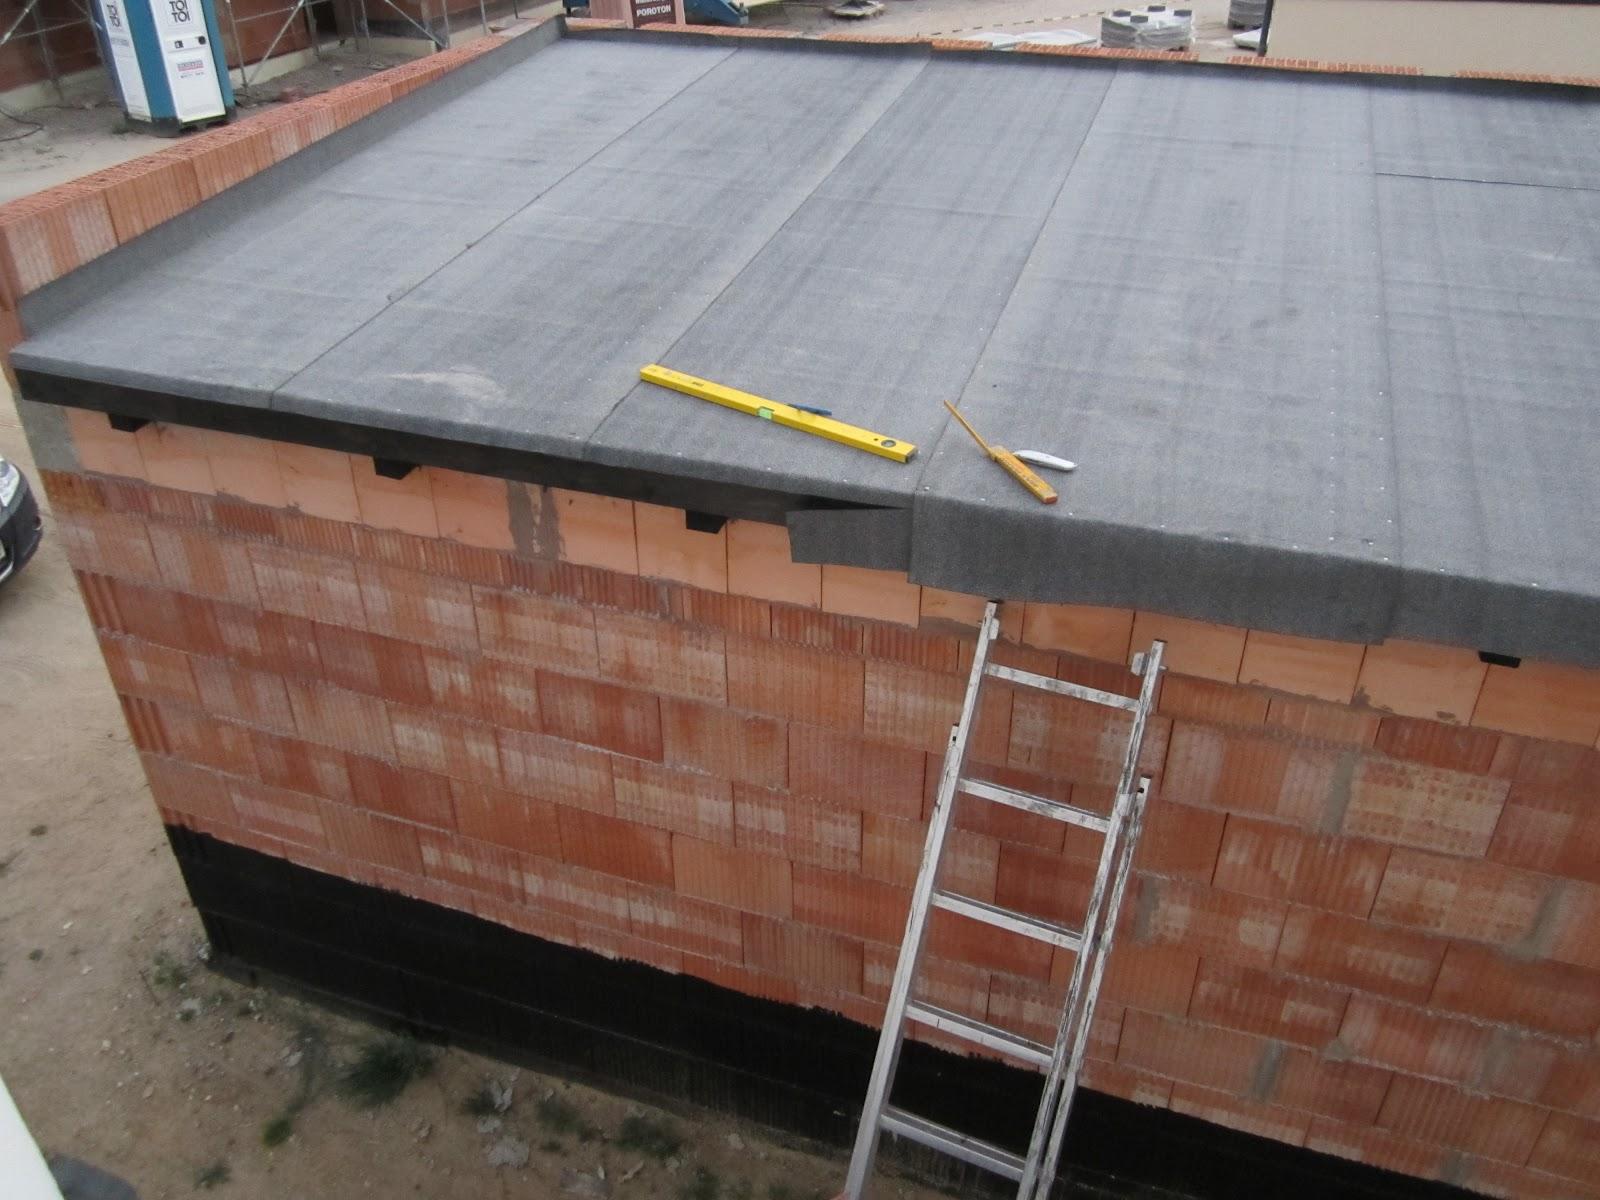 unser hausbau garage in eigenleistung dachpappe angenagelt. Black Bedroom Furniture Sets. Home Design Ideas